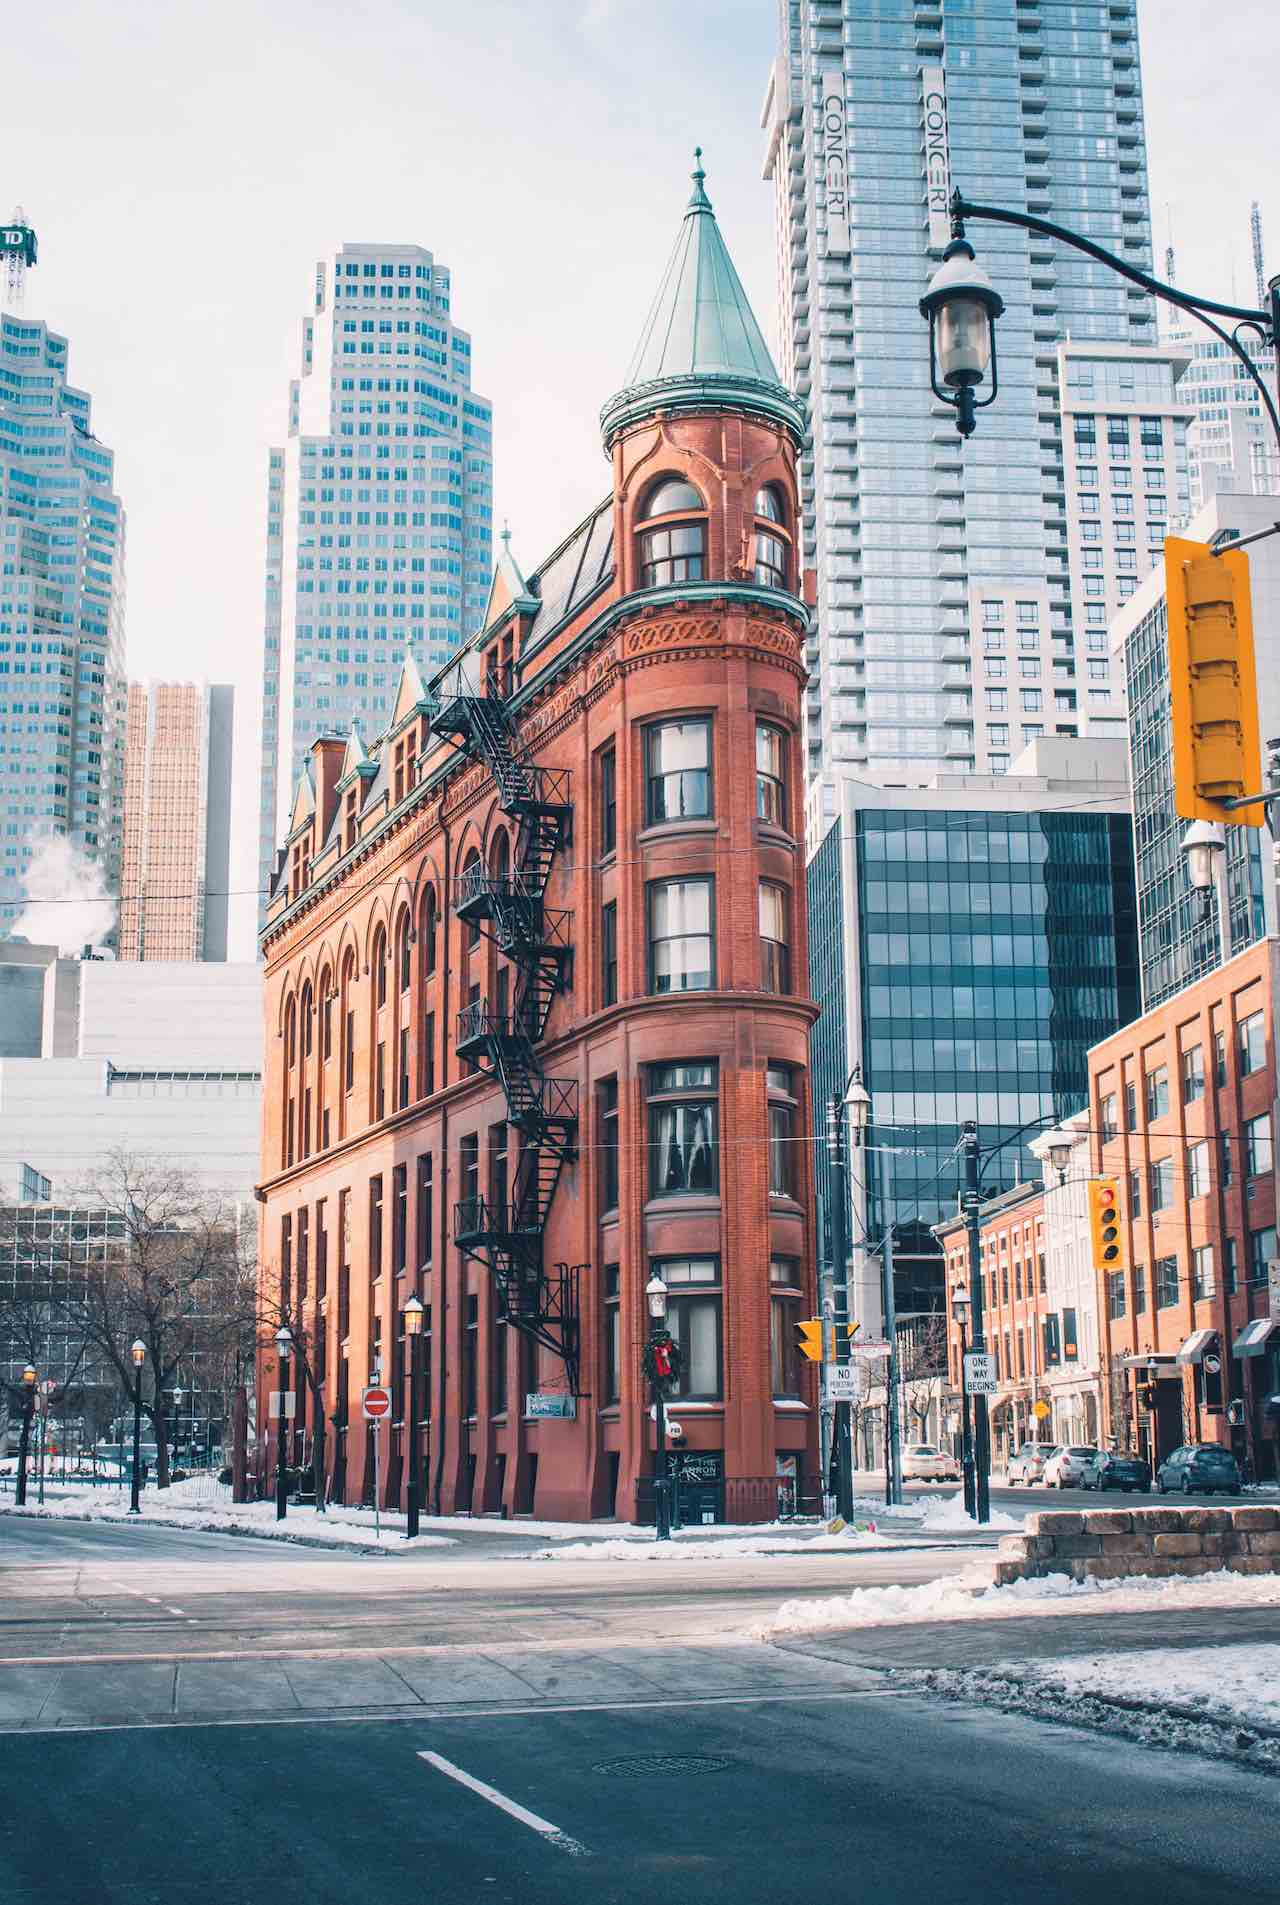 Toronto Canada Brick Building